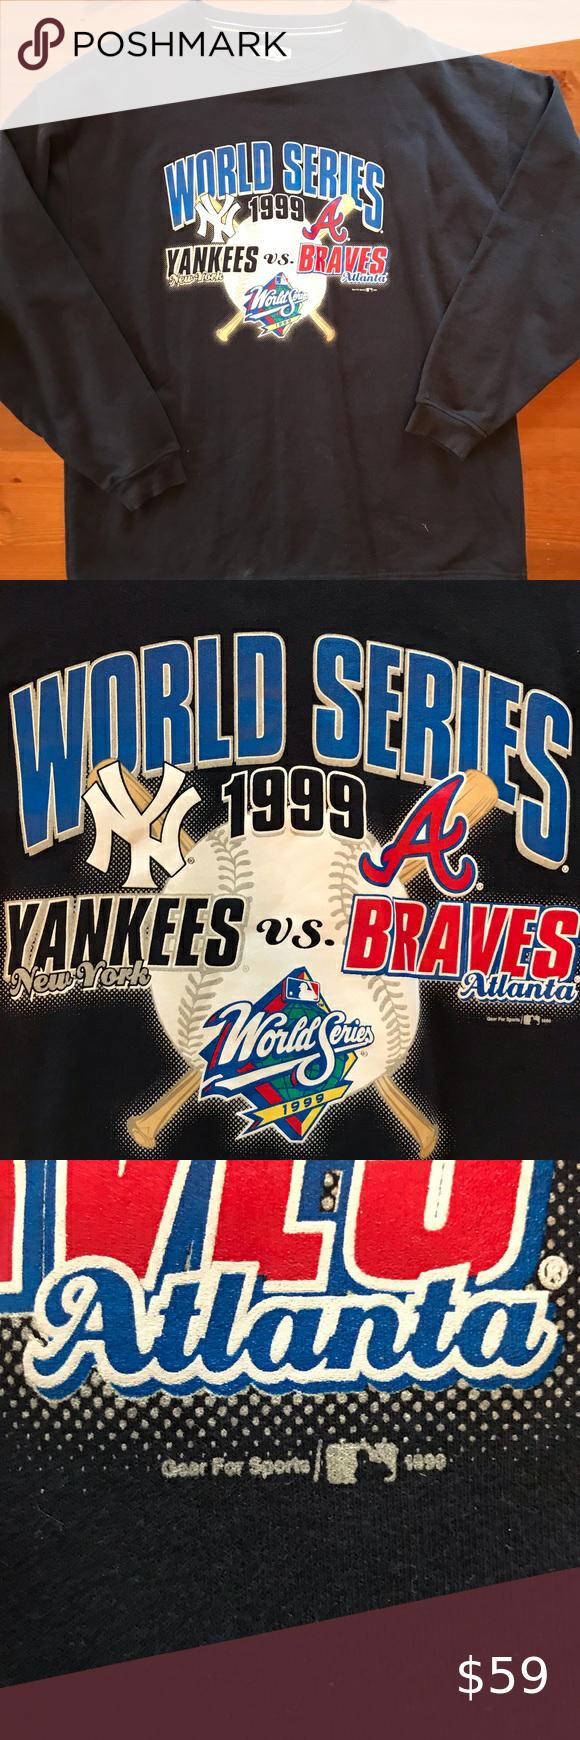 1999 World Series Sweatshirt Yankees Vs Braves In 2020 Sports Shirts Vintage Sweatshirt Sweatshirt Shirt